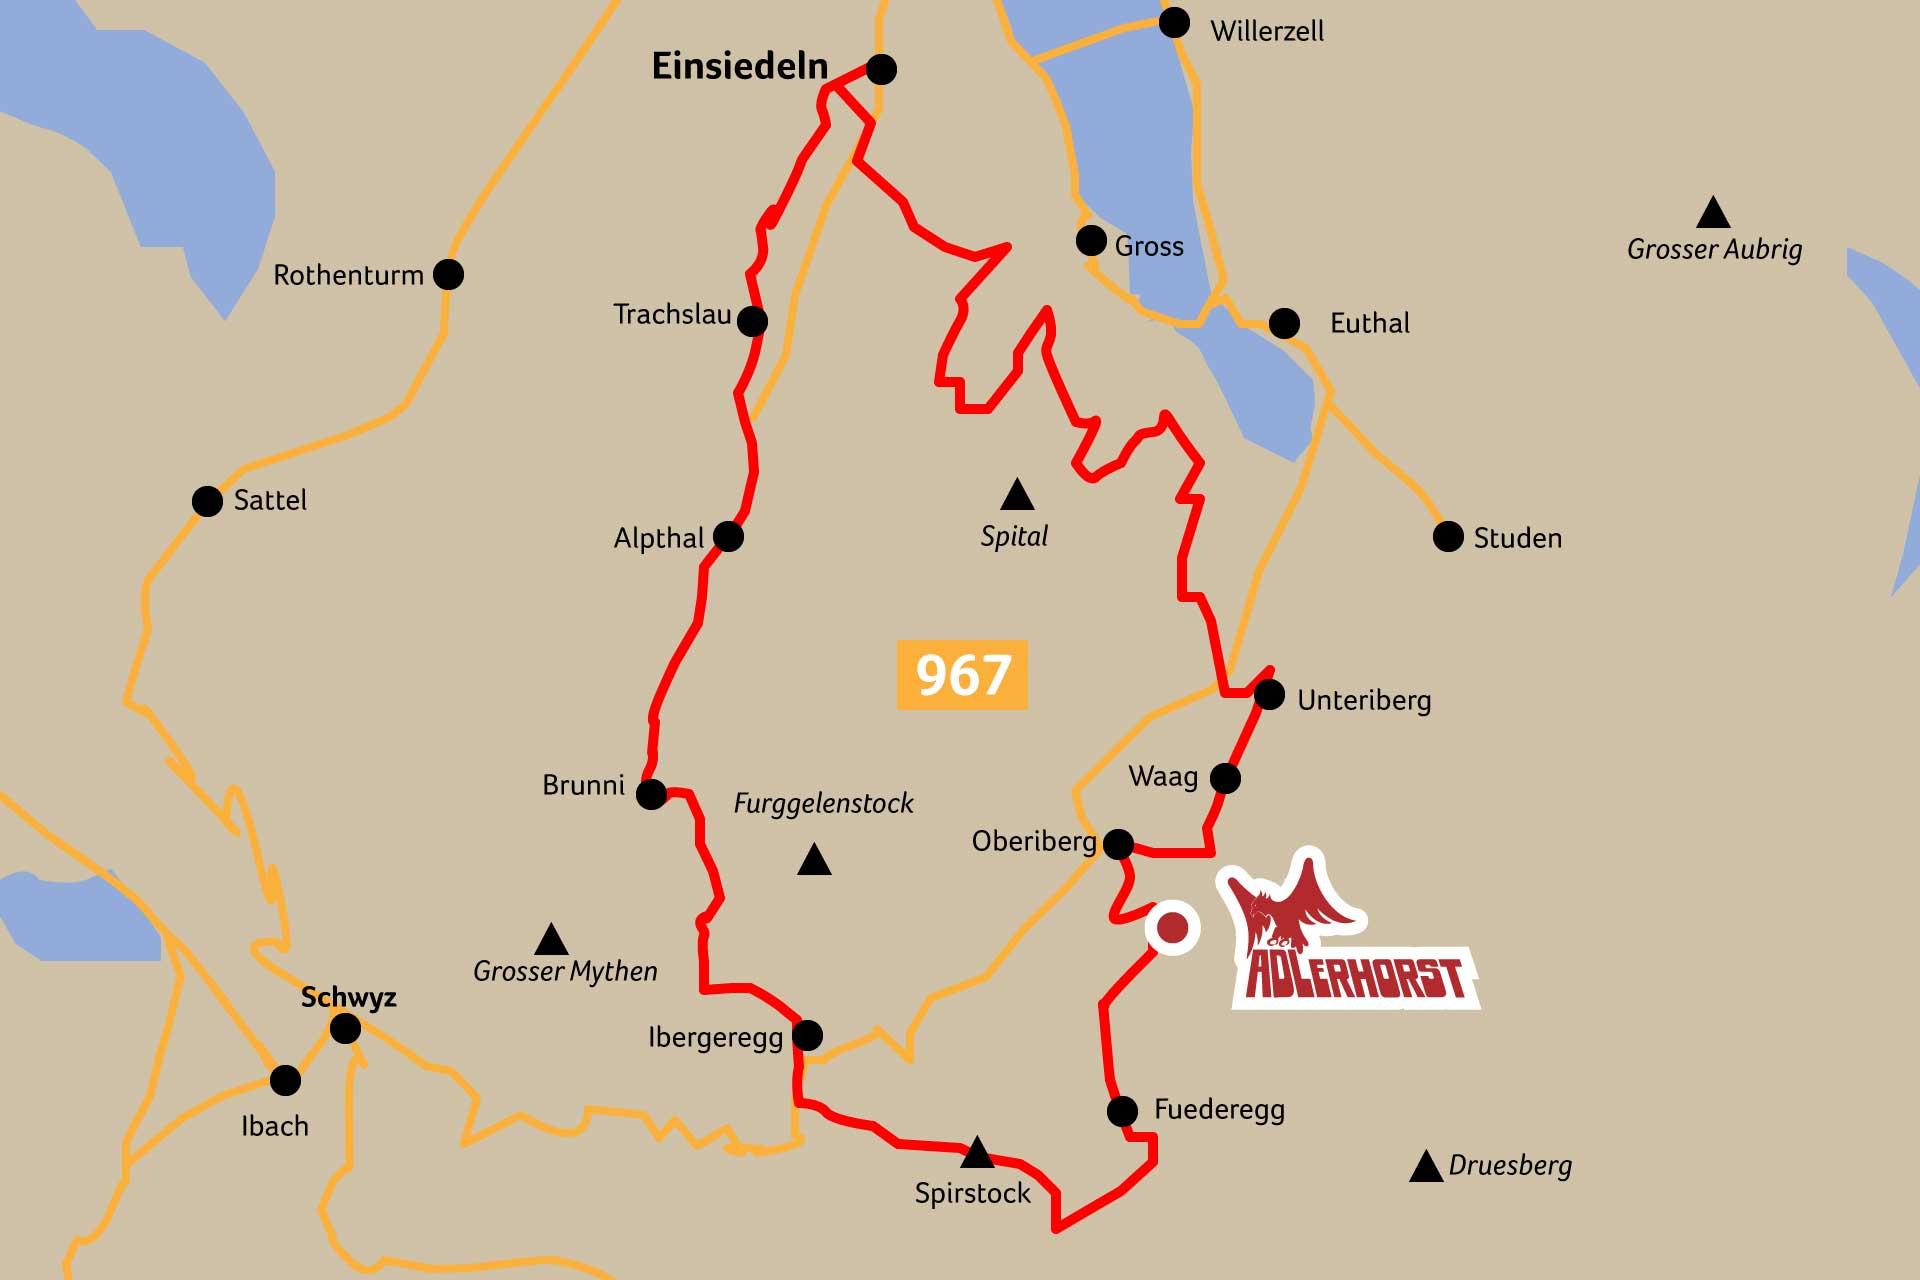 Karte Illustration Route 967 Mountainbike Iron Bike